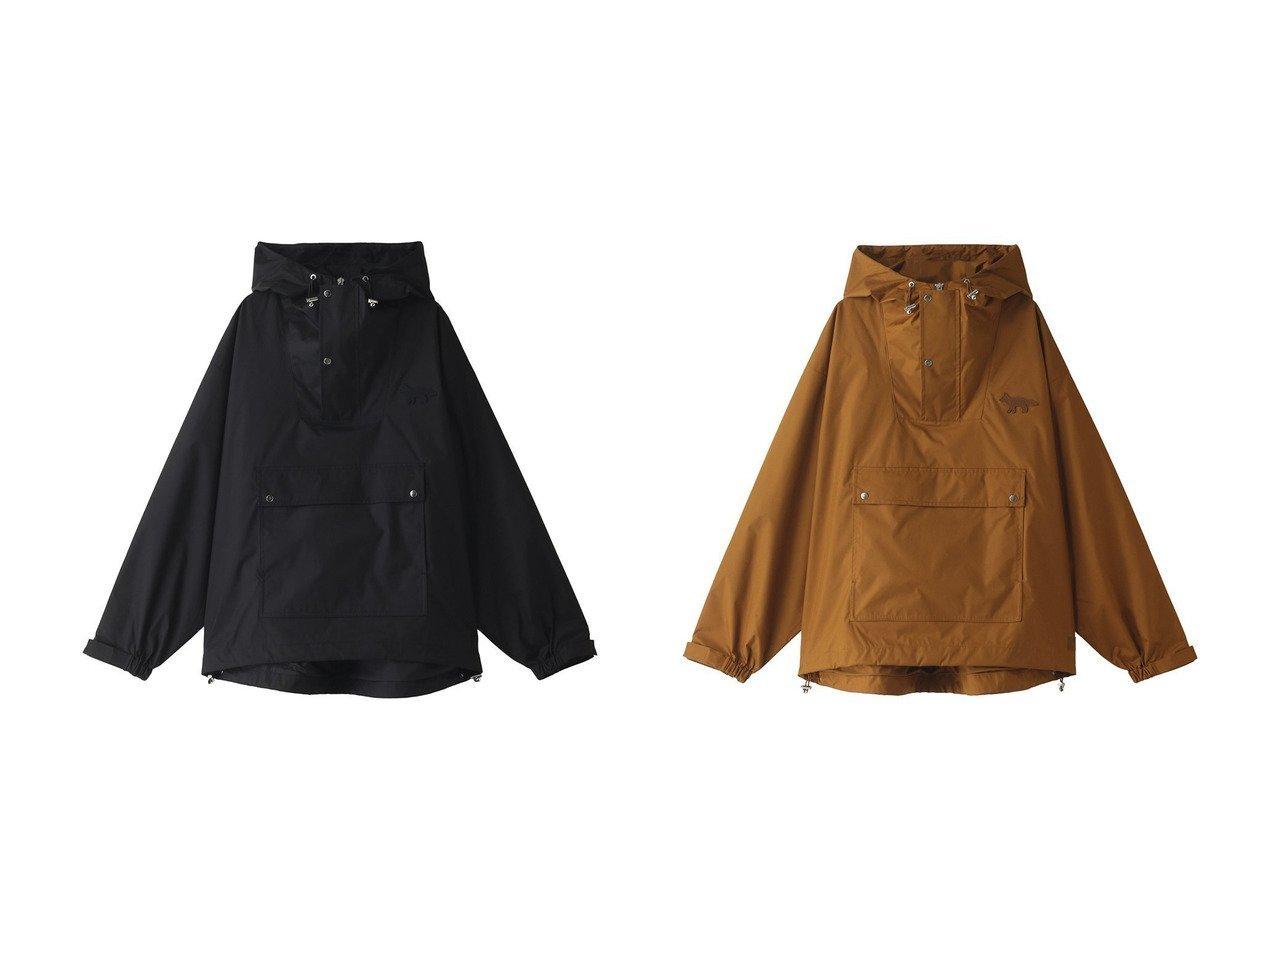 【PUMA/プーマ】の【UNISEX】【PUMA x MAISON KITSUNE】アノラック 【アウター】おすすめ!人気、トレンド・レディースファッションの通販   おすすめで人気の流行・トレンド、ファッションの通販商品 メンズファッション・キッズファッション・インテリア・家具・レディースファッション・服の通販 founy(ファニー) https://founy.com/ ファッション Fashion レディースファッション WOMEN アウター Coat Outerwear ジャケット Jackets UNISEX シンプル ジャケット フロント |ID:crp329100000033986